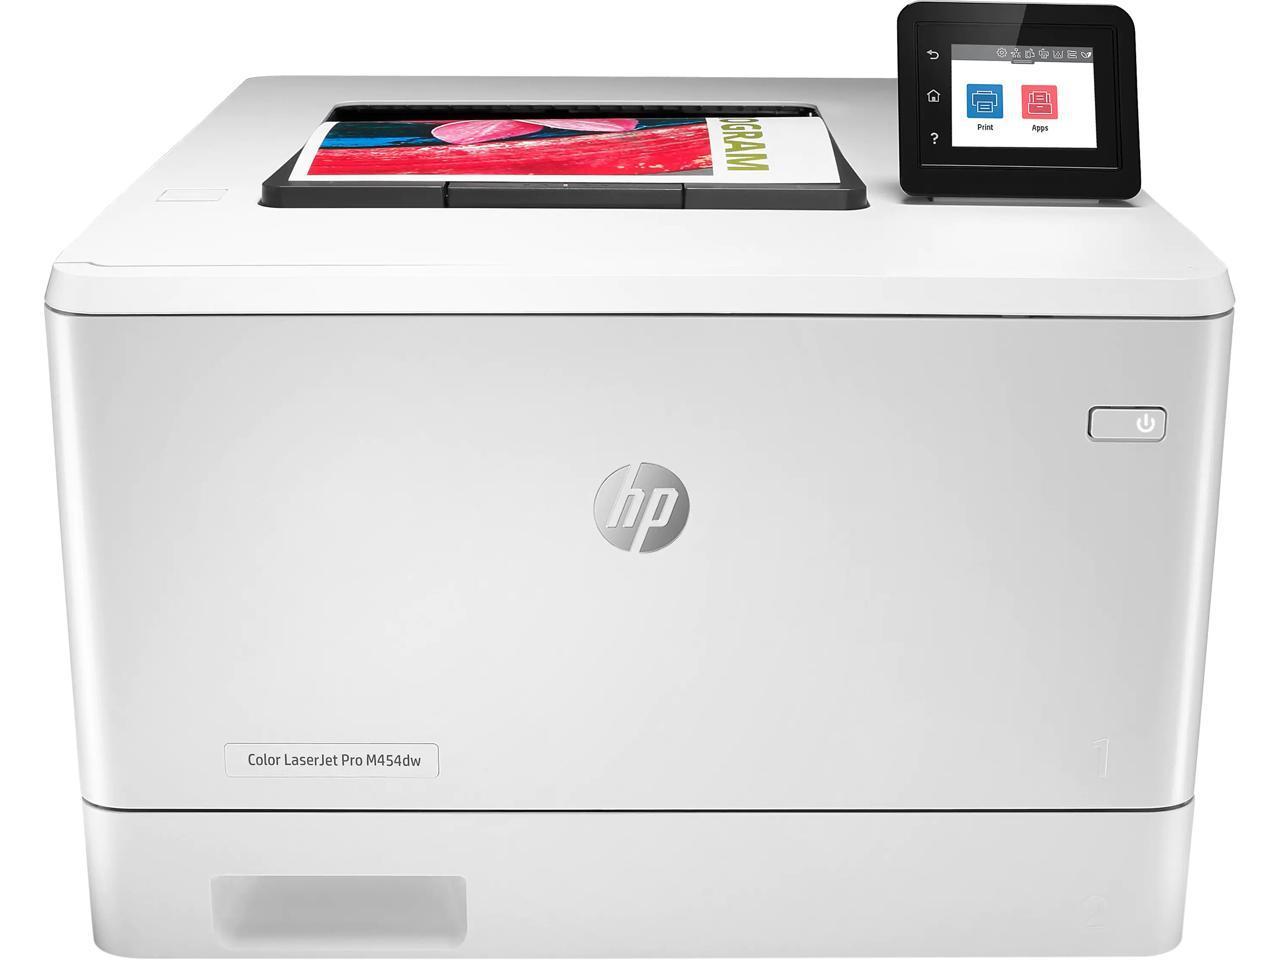 LaserJet Pro M454dw Printer